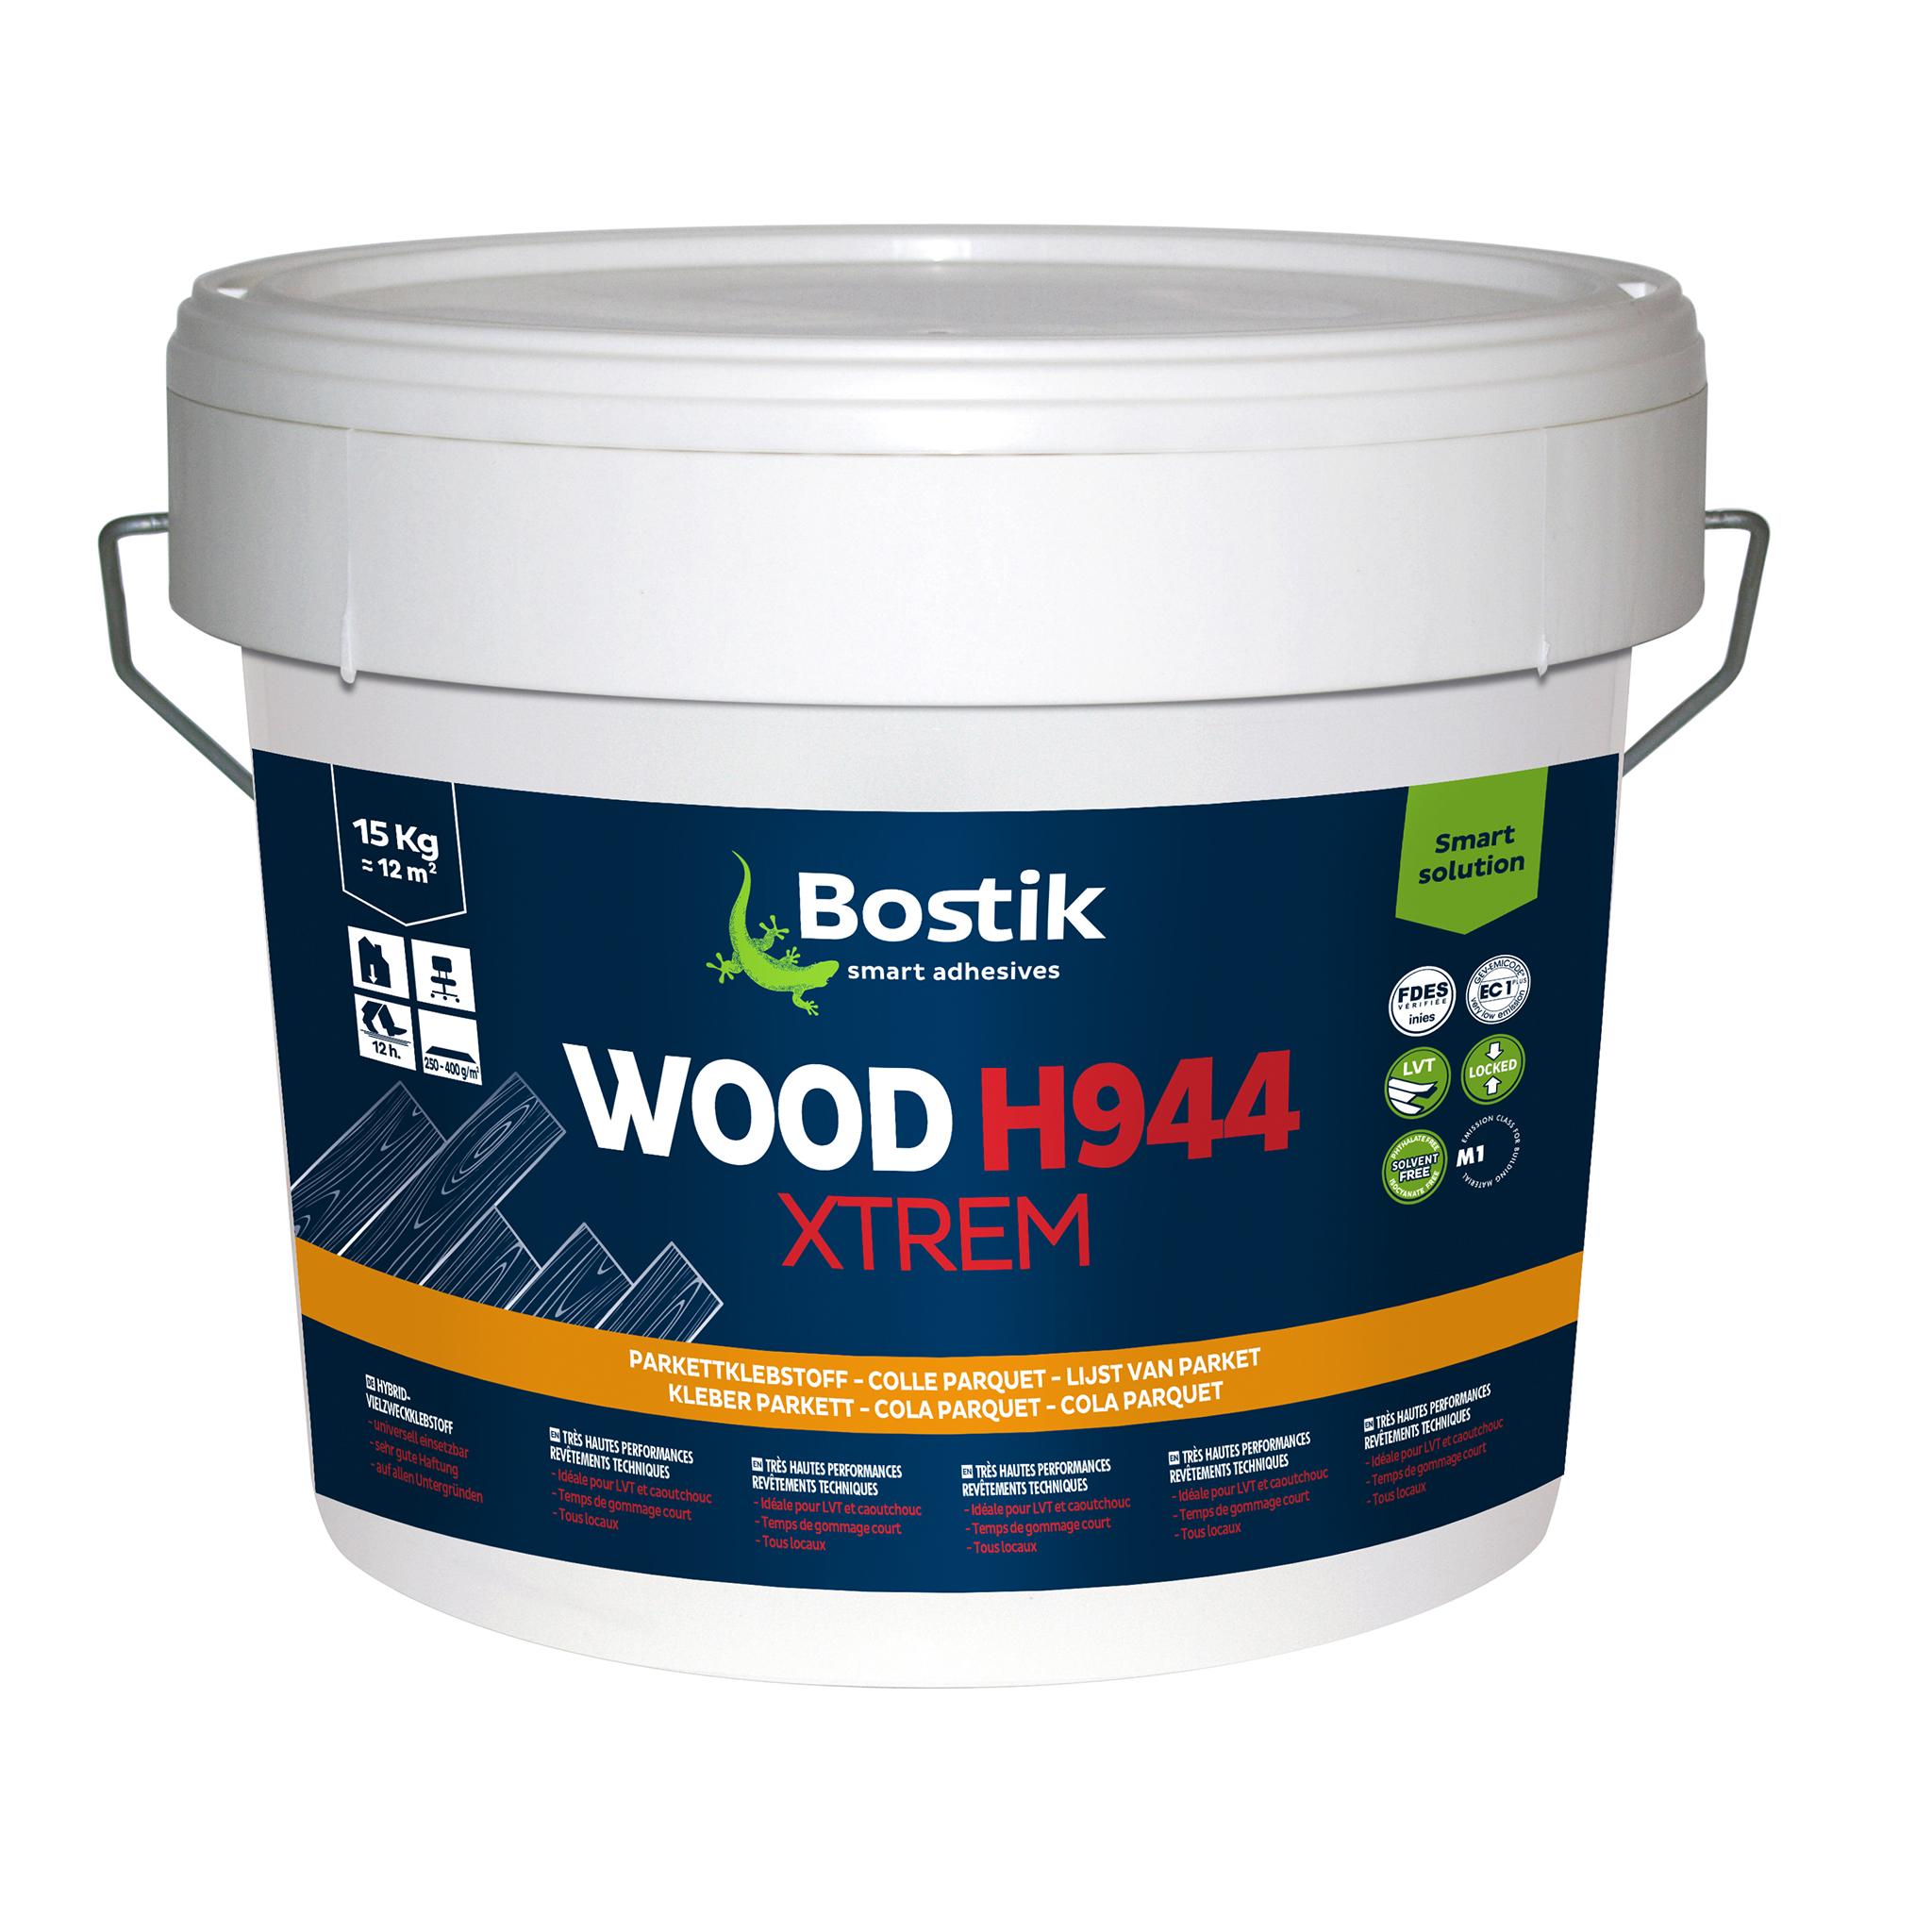 Bostik WOOD H944 XTREM 15 Kg